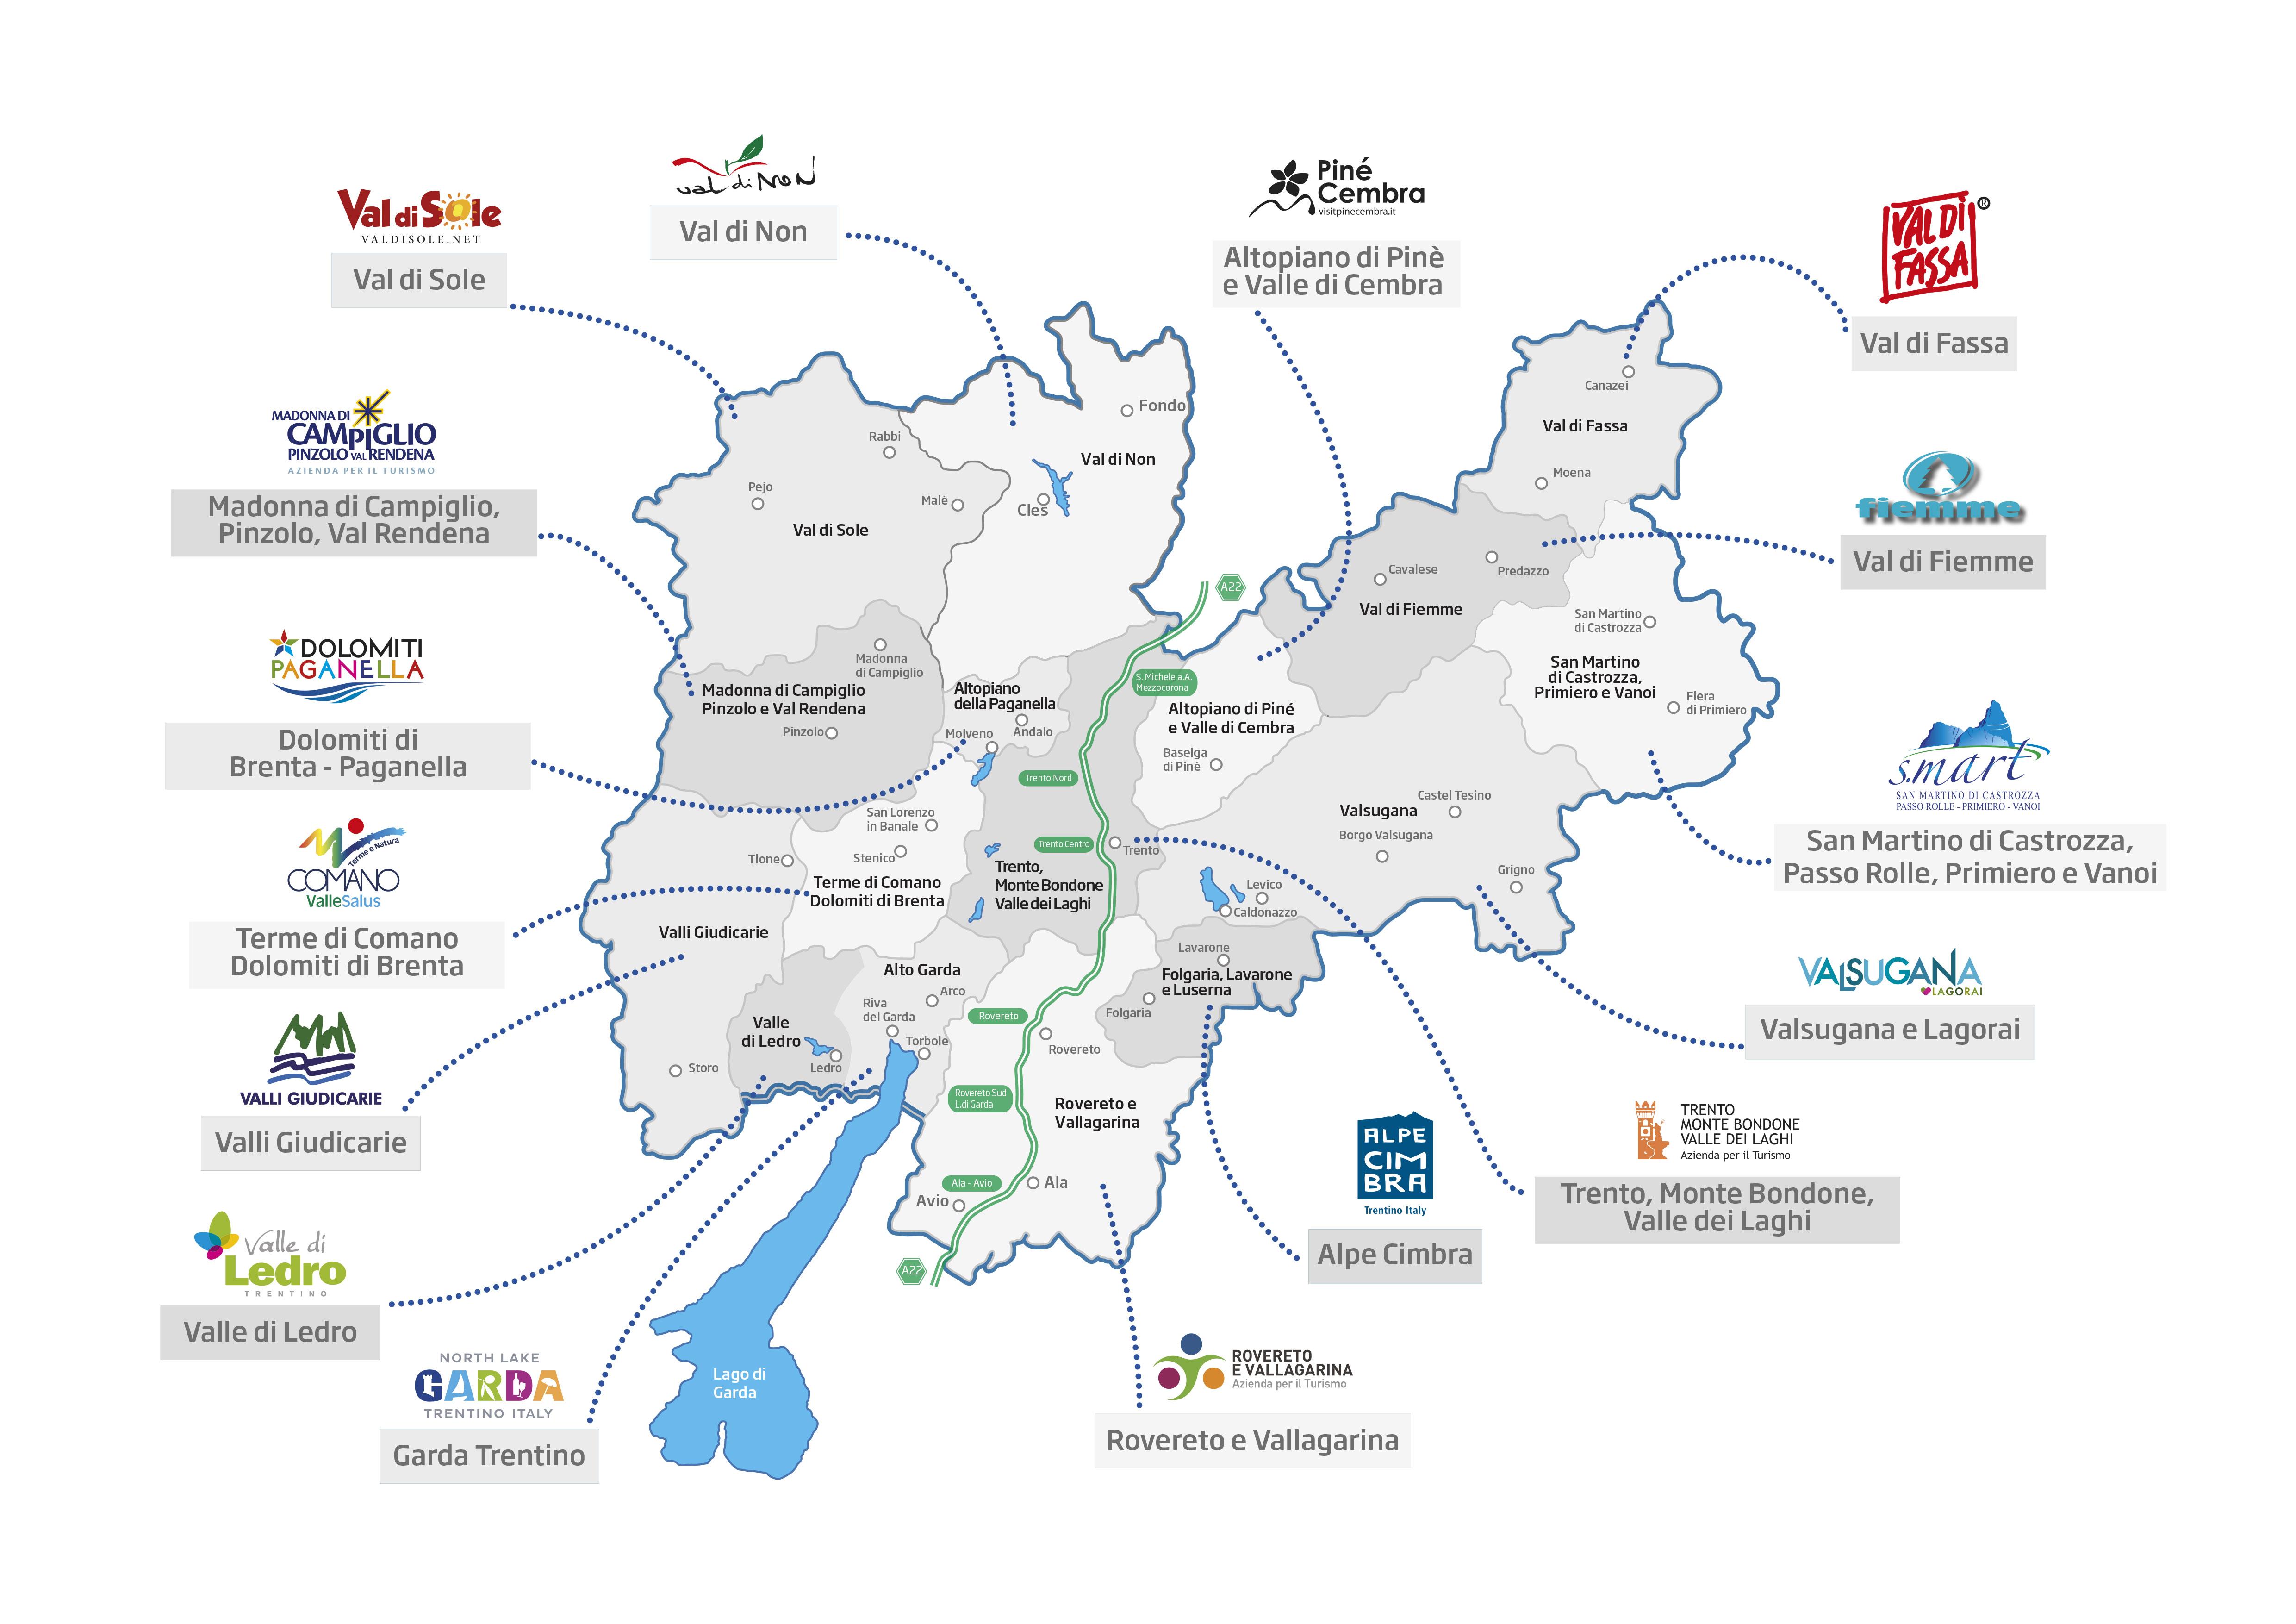 Cartina Trentino.Cartina Trentino Loghi Apt Nuova Good Buy Trentino